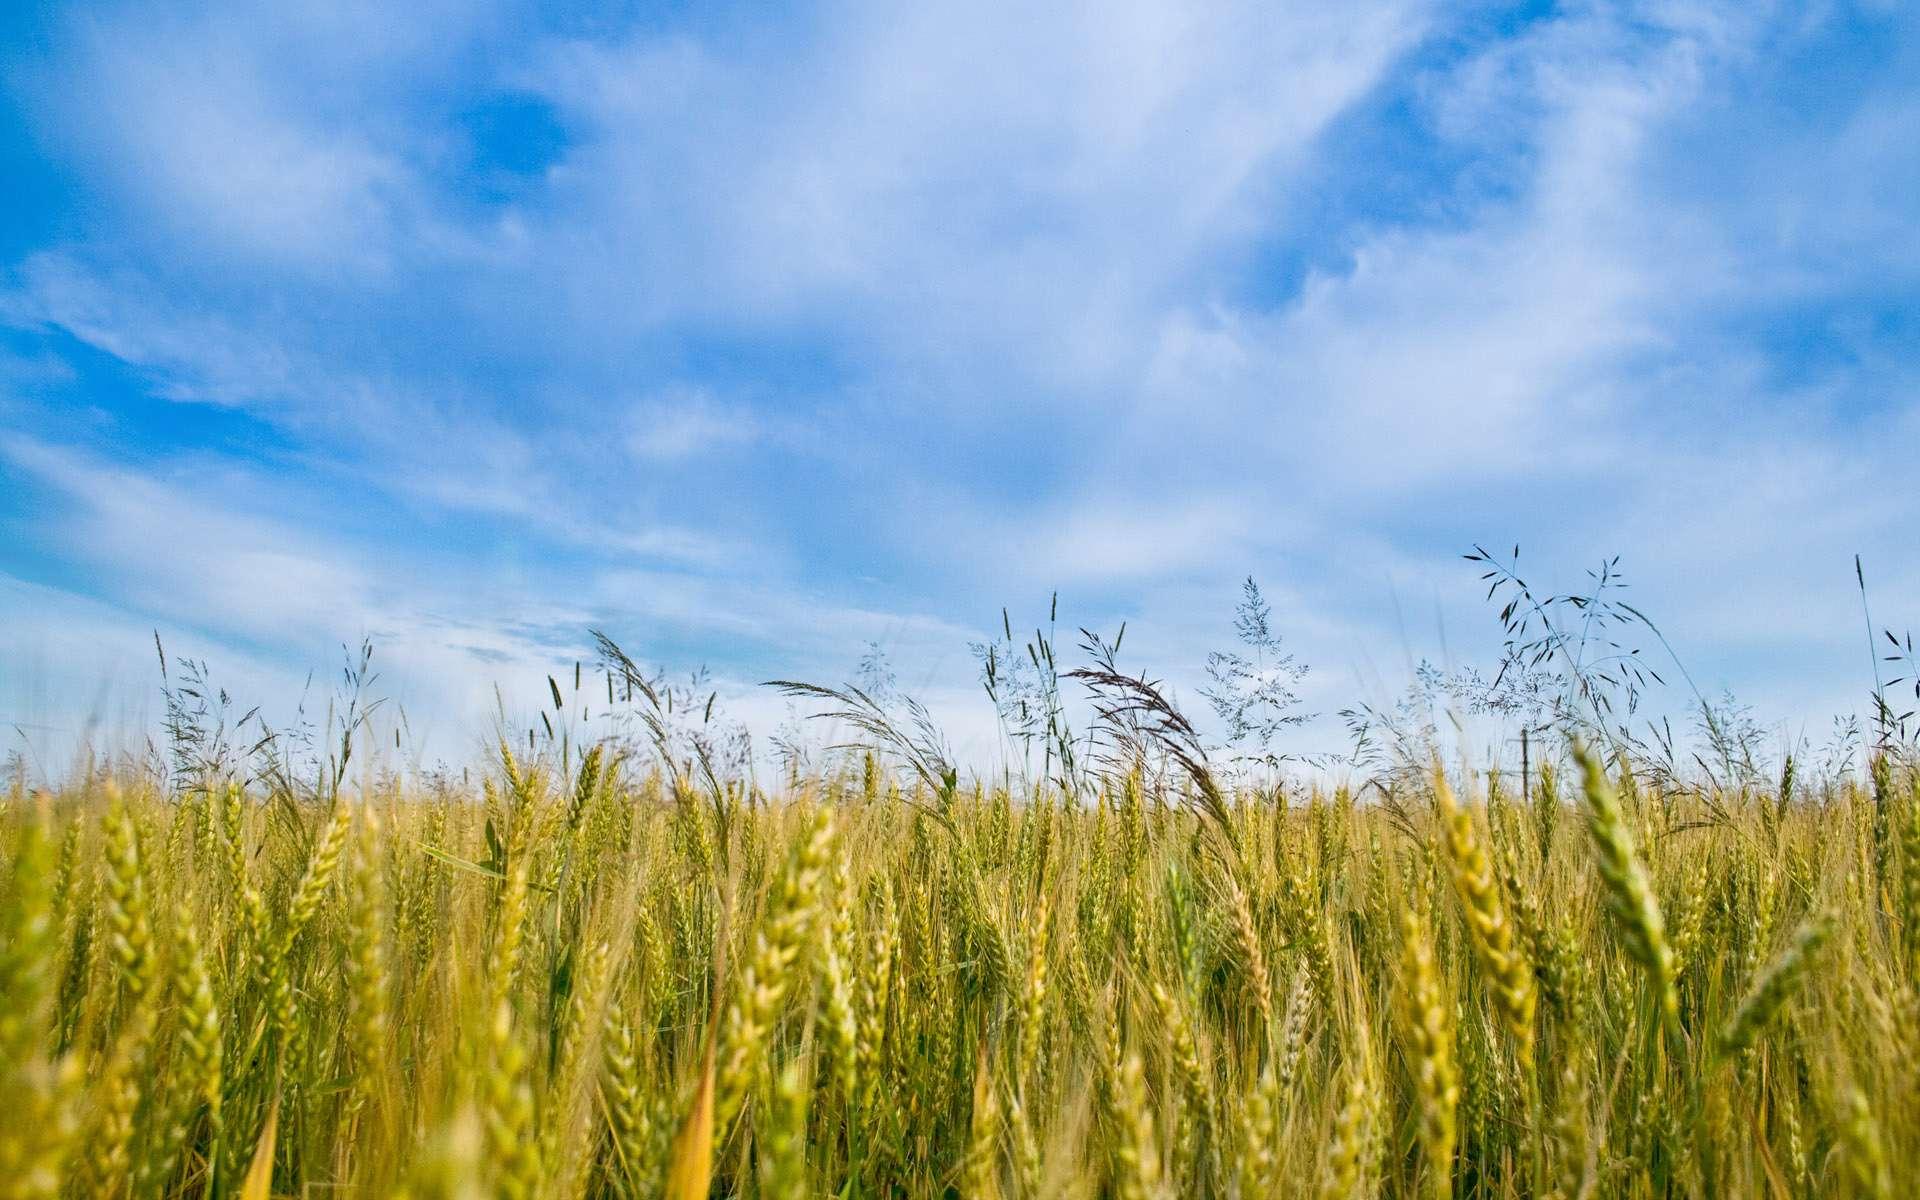 سبز  گندم در خاک گندم زار - گنجینه تصاویر تبيان